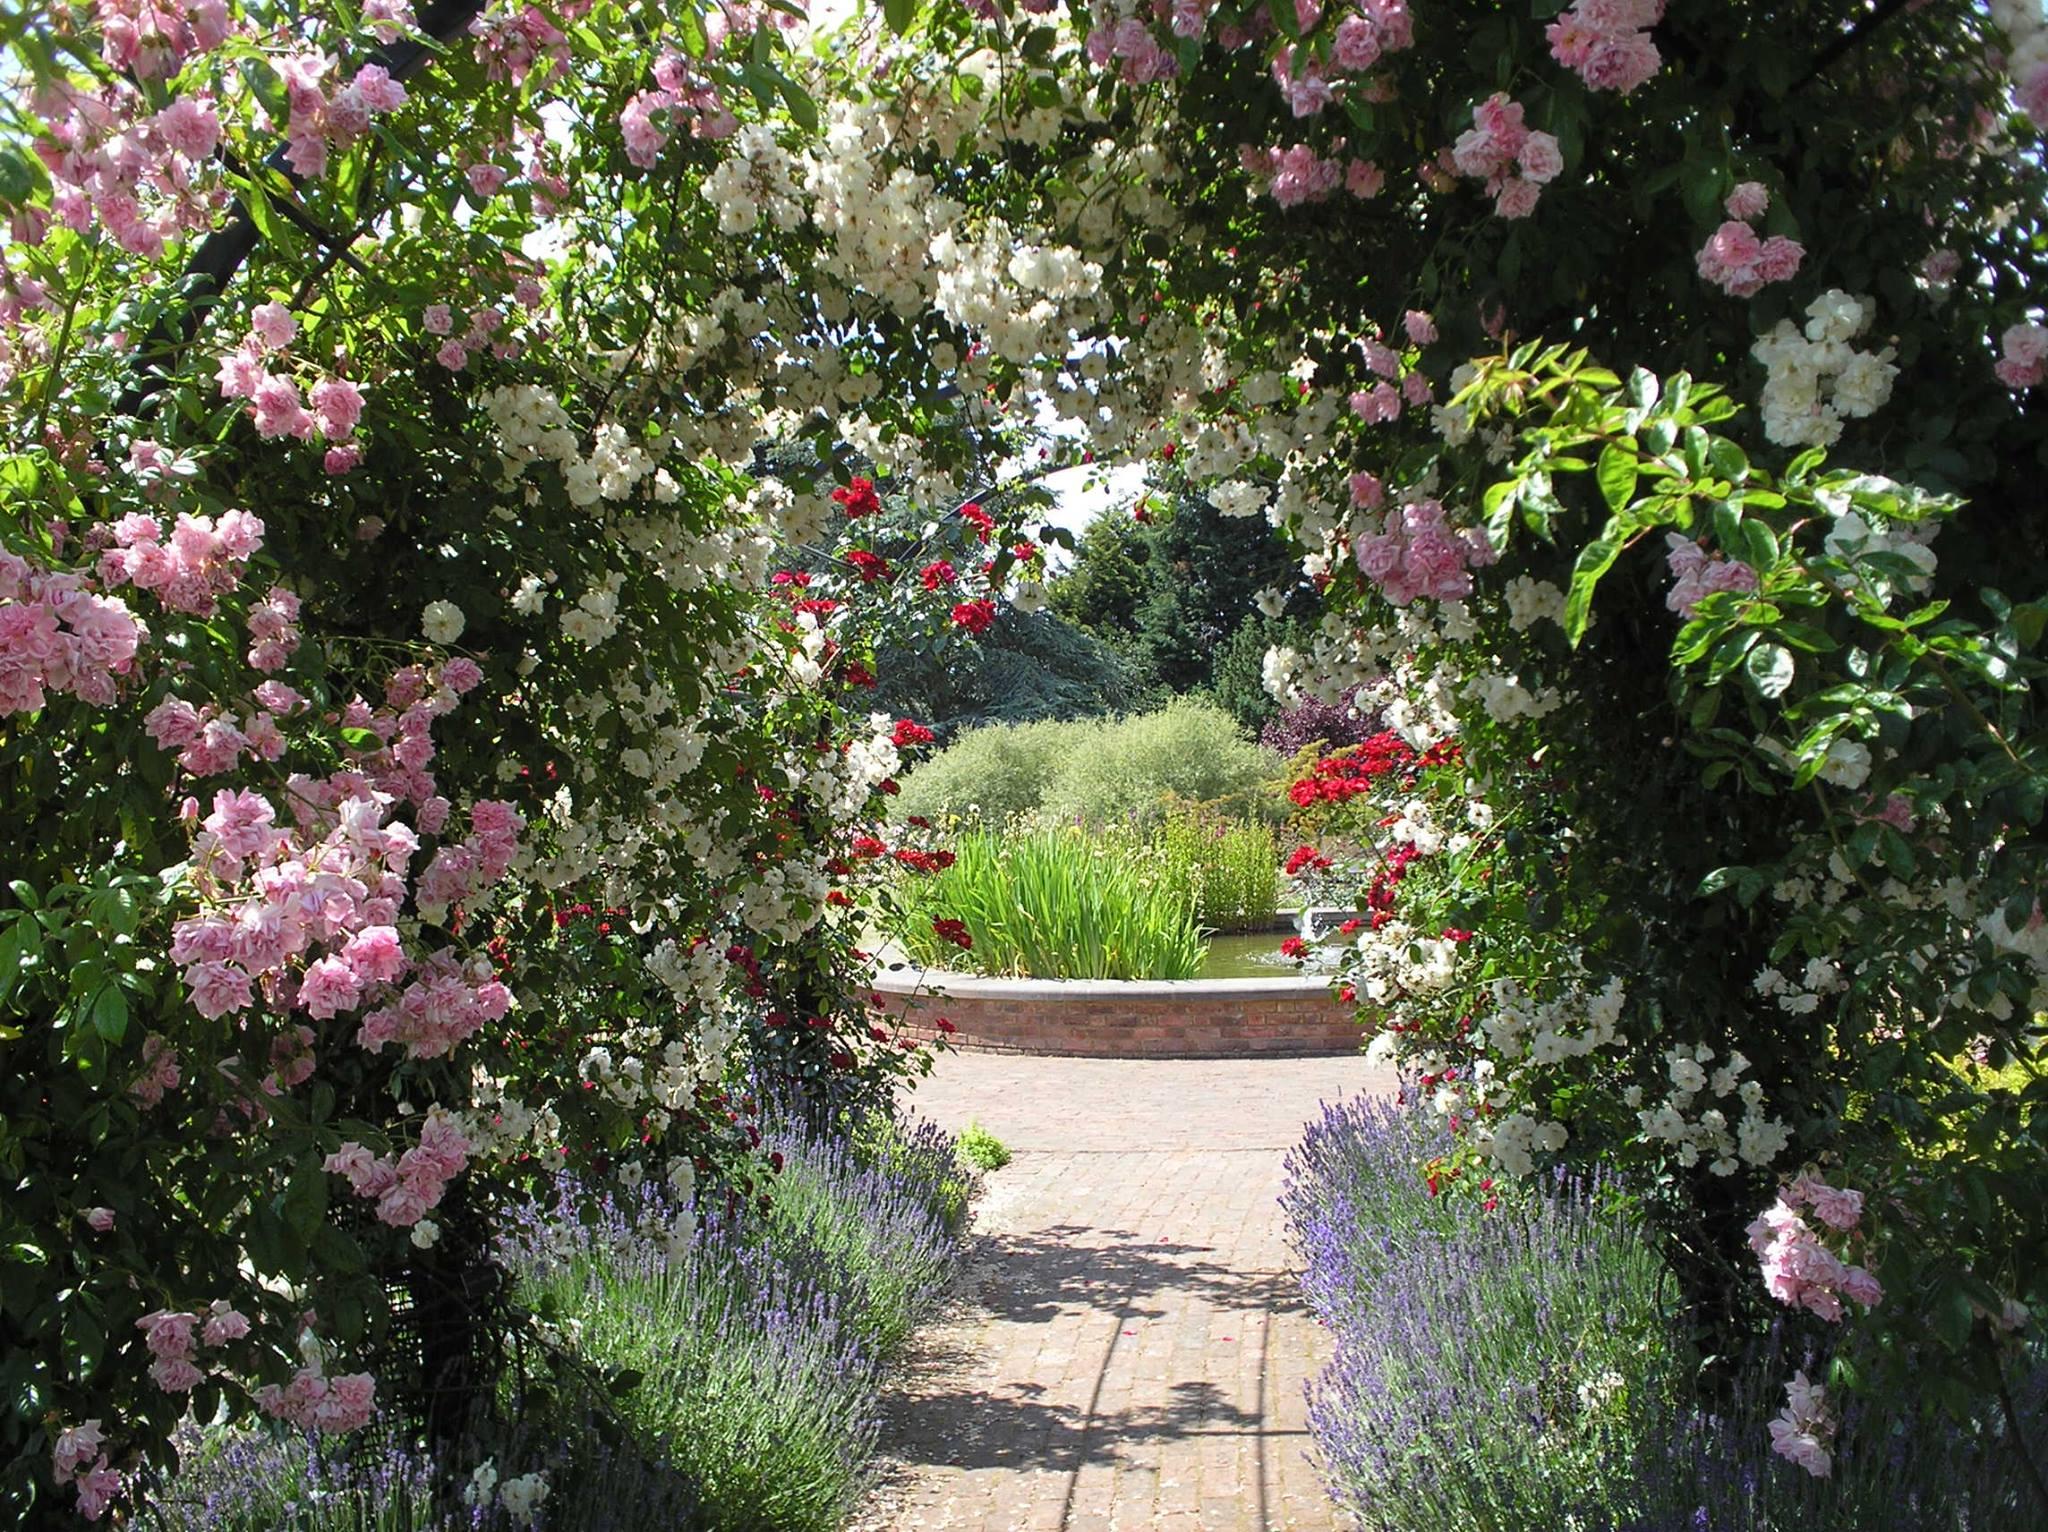 Wunderschöner Laubengang mit Rosen, ein Traum Rosentunnel